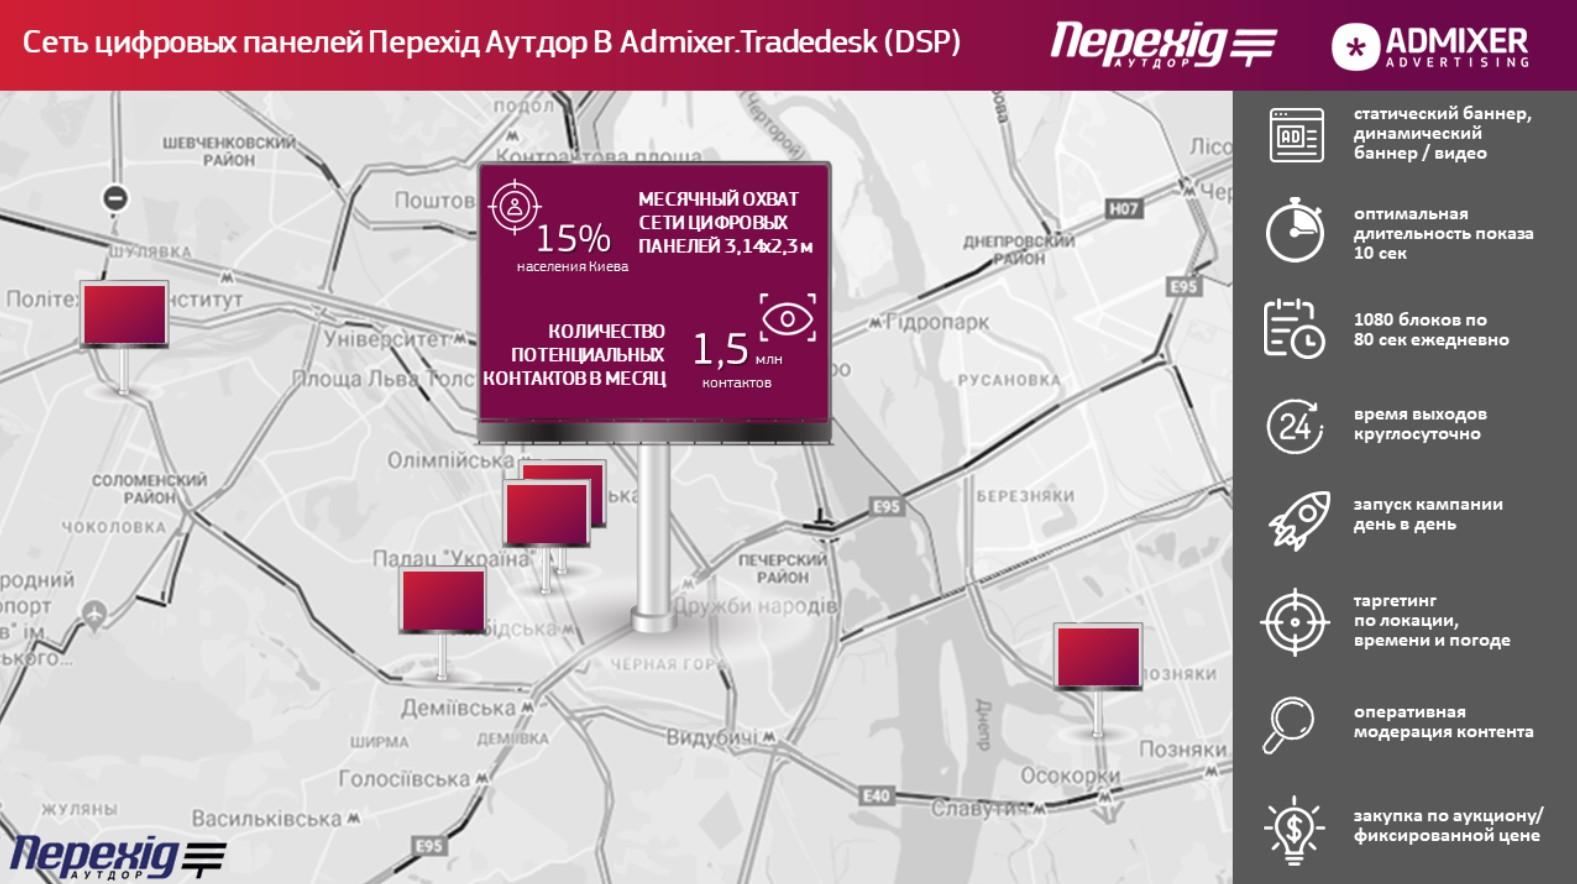 Цифровая наружная реклама. Расположение новых экранов Перехид аутдор в Admixer DSP (TradeDesk)